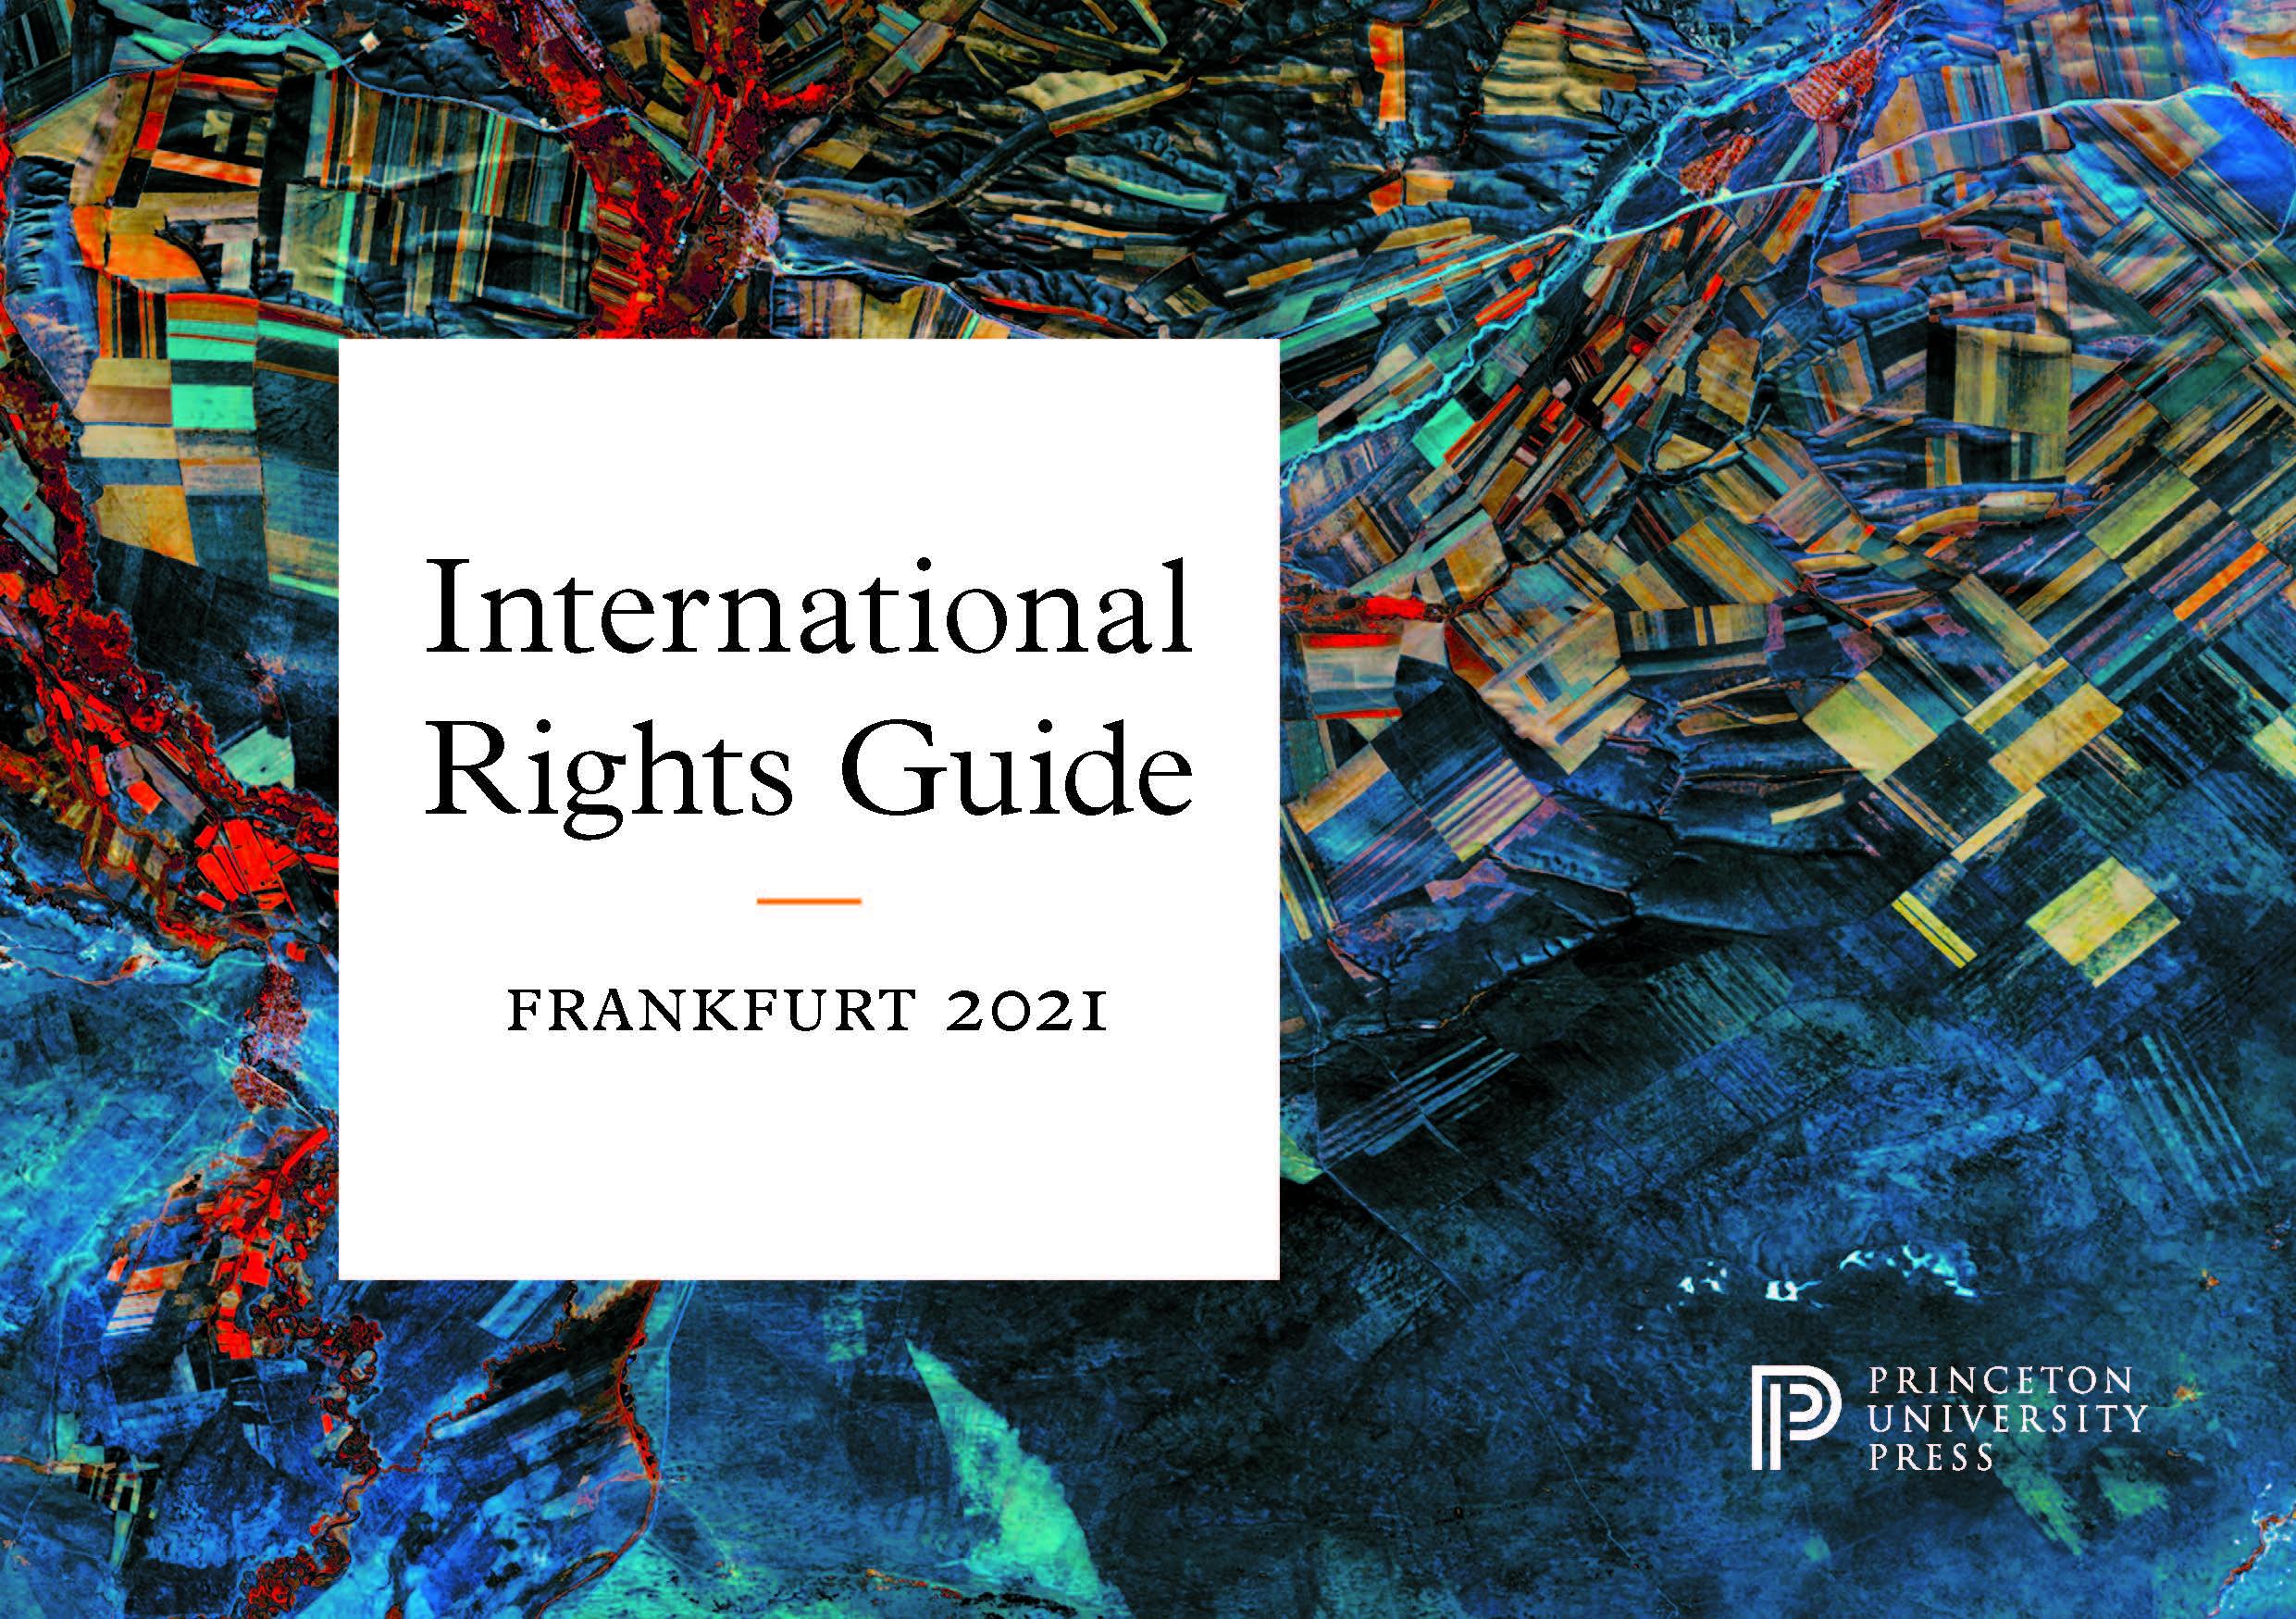 Frankfurt International Rights Guide 2021